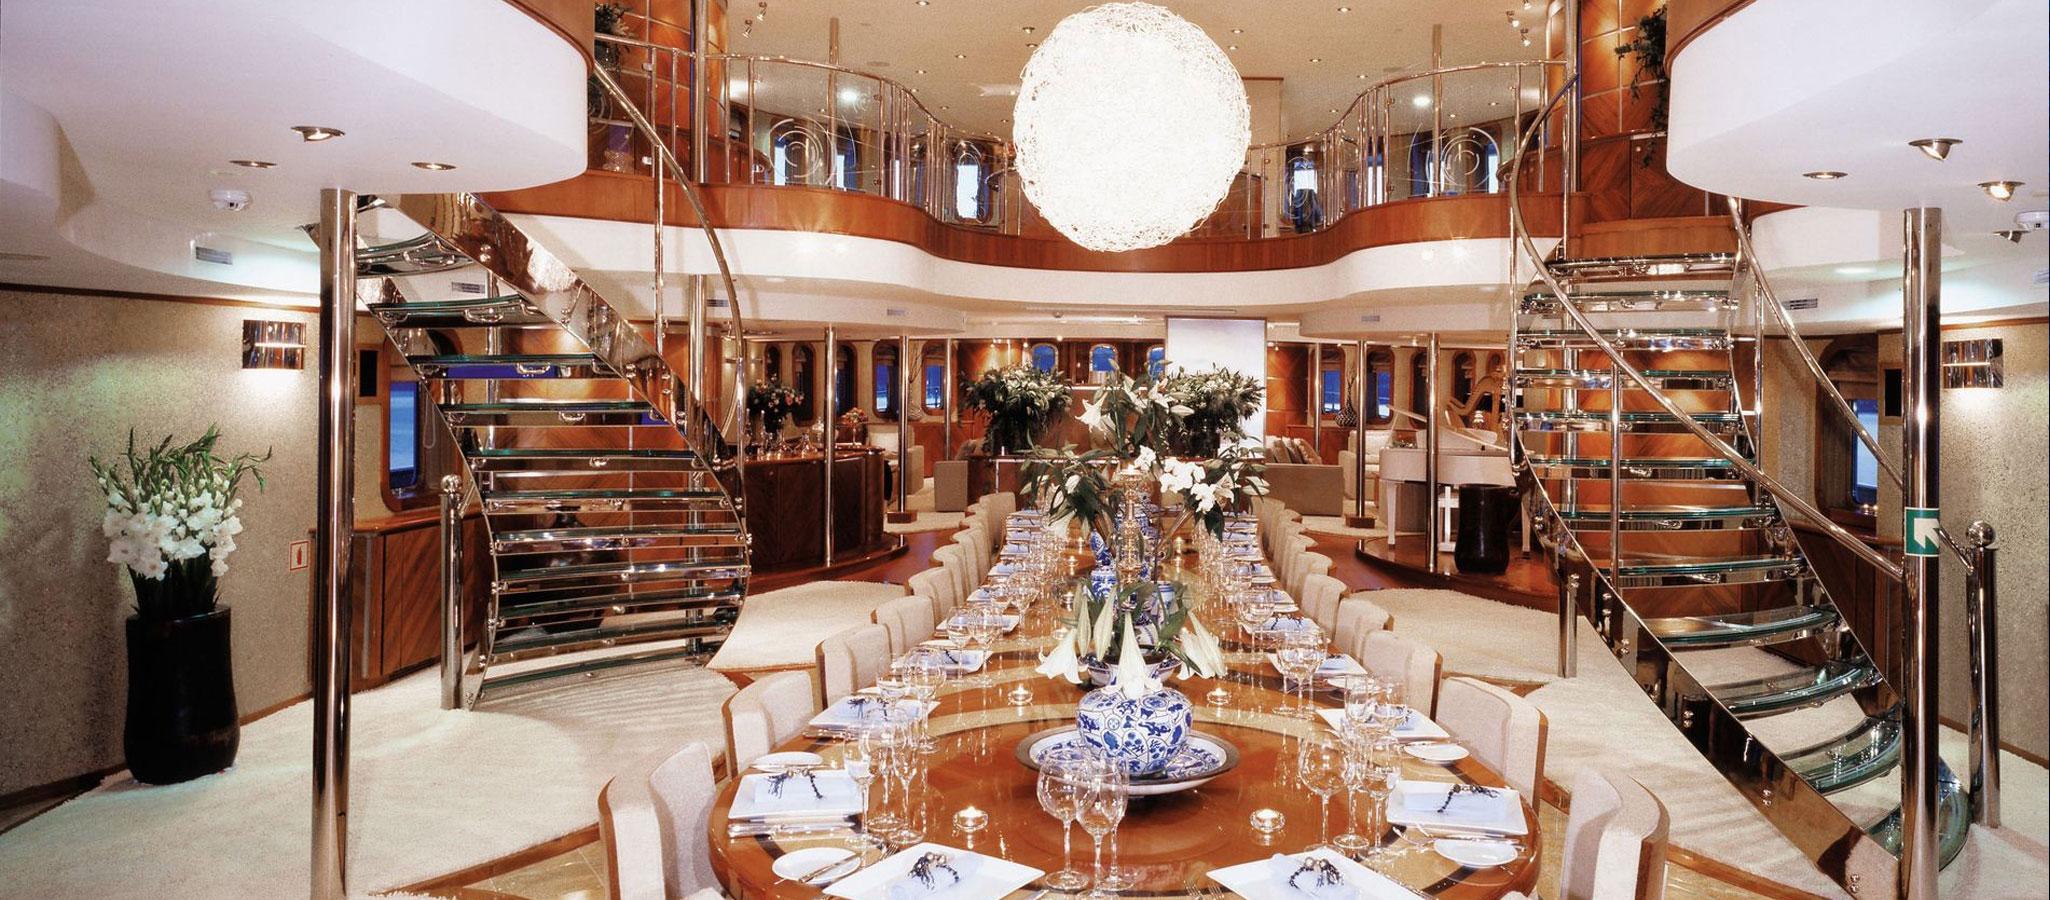 Für intime Dinner, Meetings und Konferenzen stellen Megayachten den feudalen Rahmen.